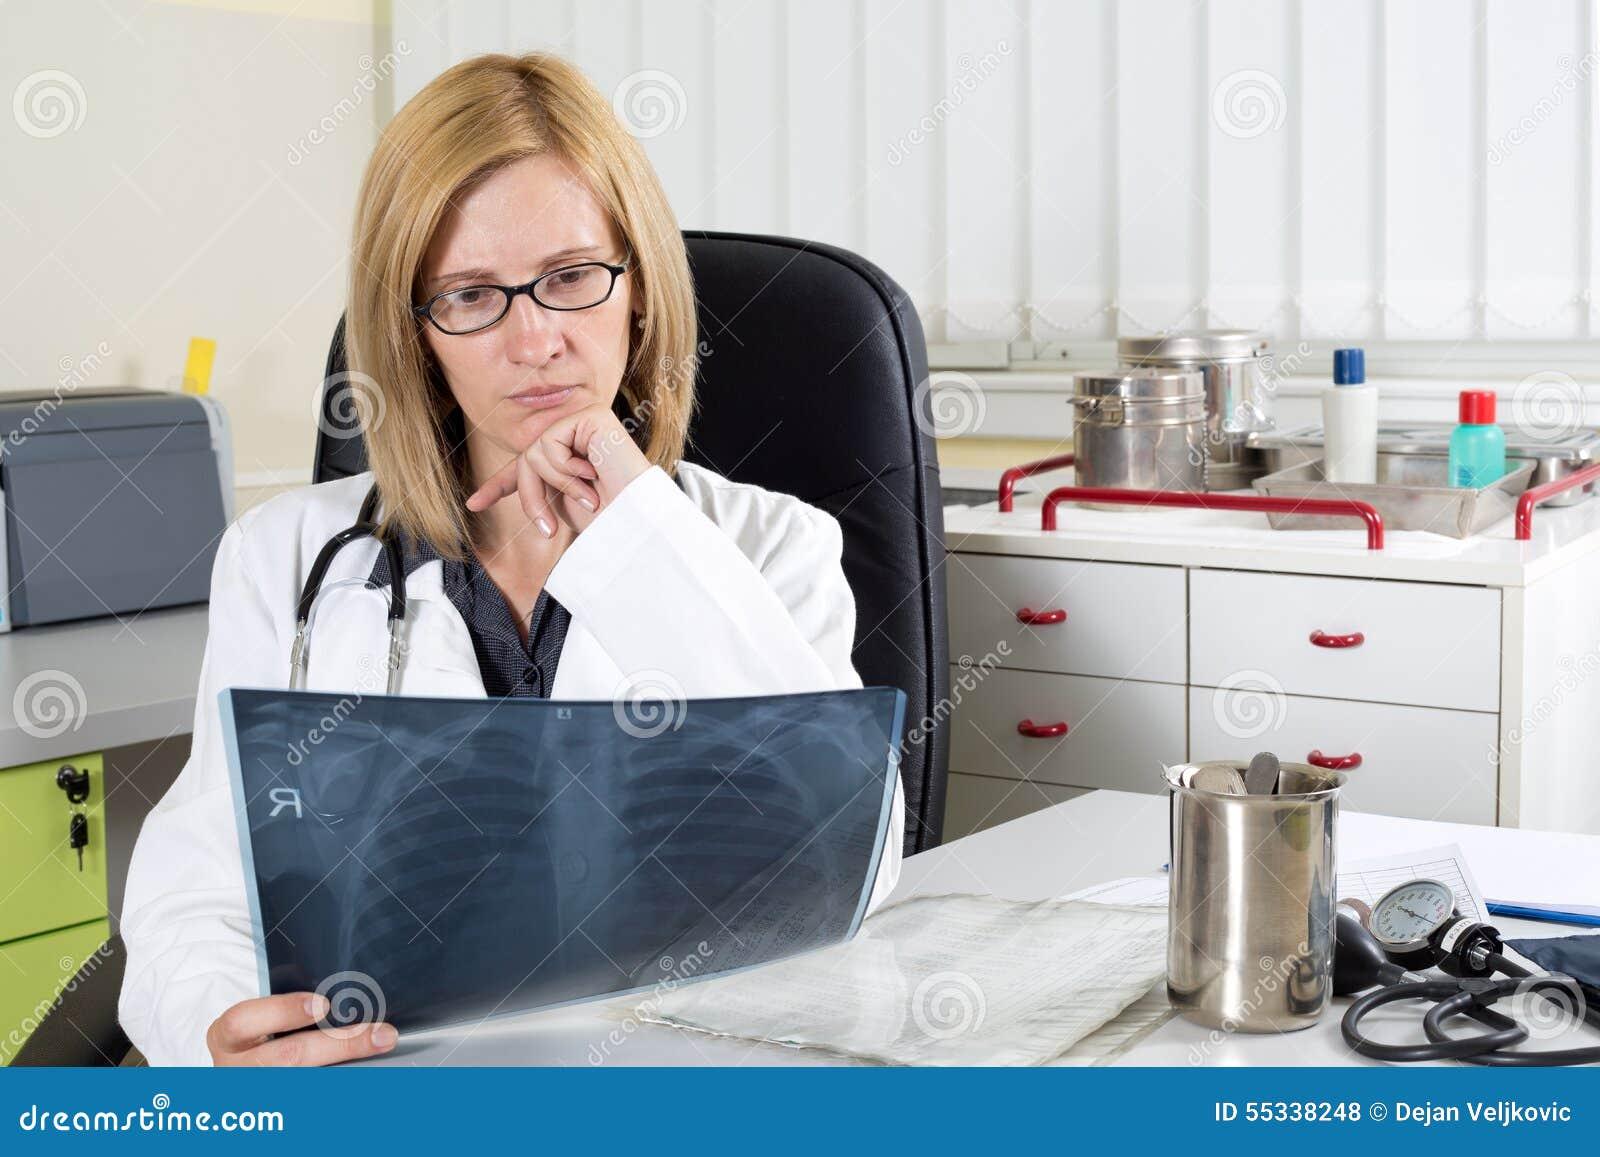 Видео в кабинете женского врача фото 506-108